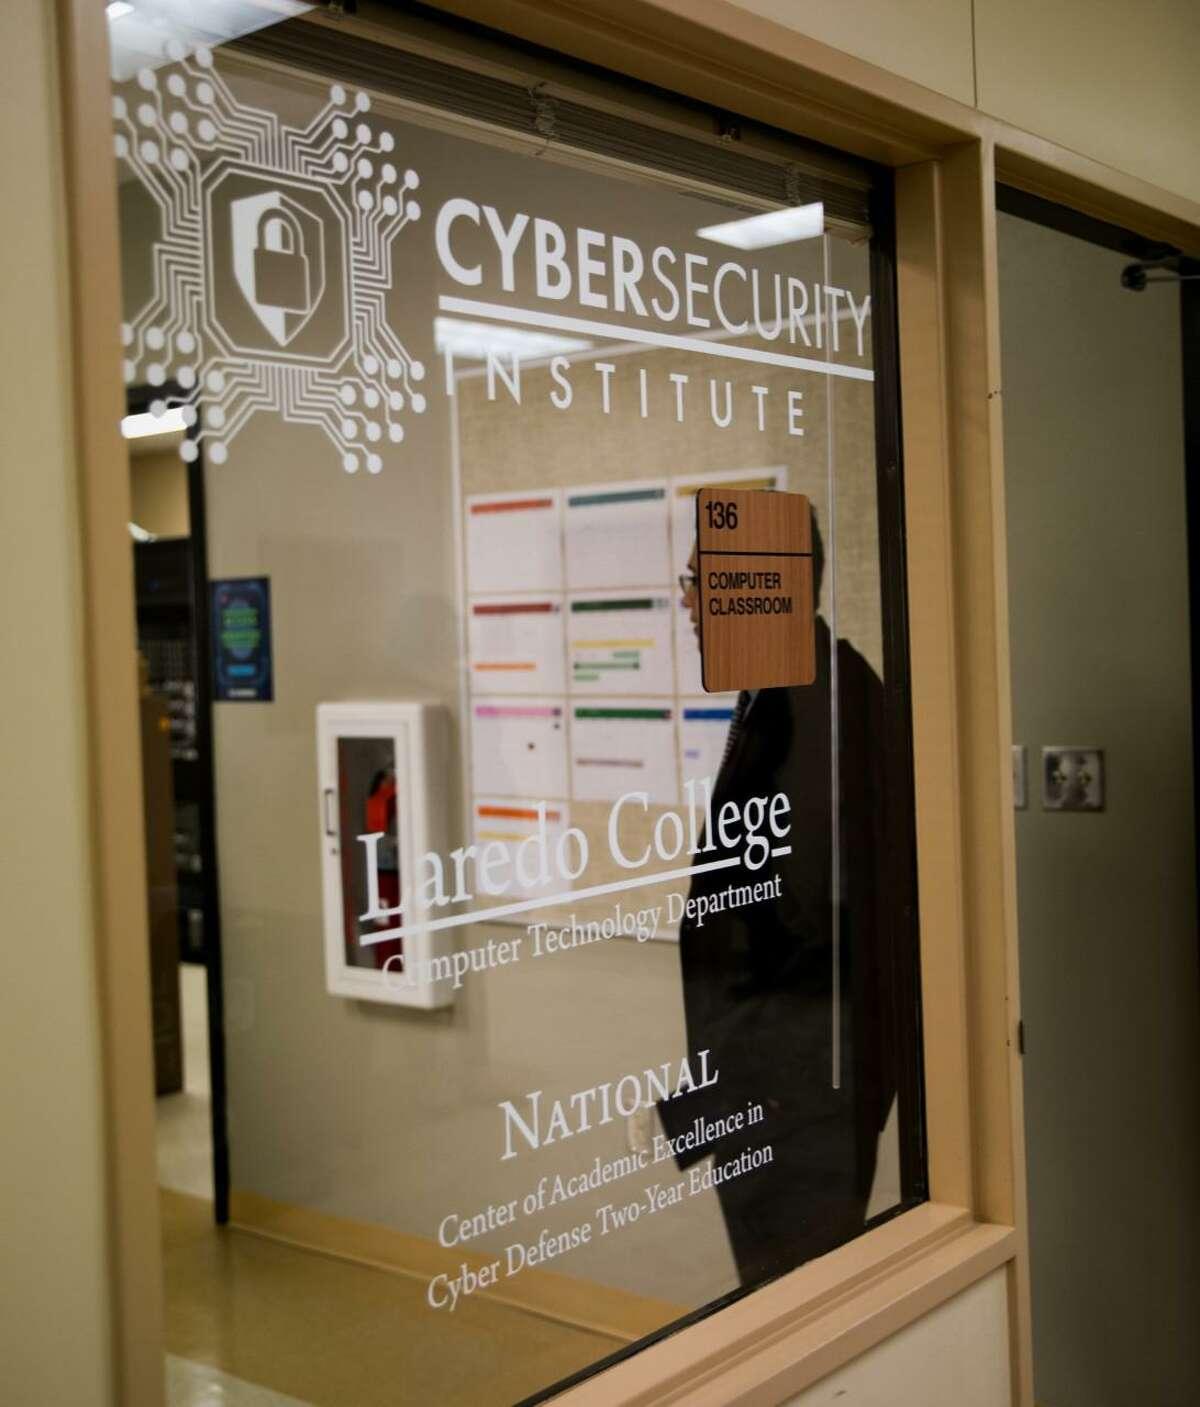 Laredo College está ofreciendo un curso gratuito de ciberseguridad para estudiantes de preparatoria. El campamento se llevará a cabo en la semana del 26 de julio al 30 de julio en el Ft. Campus de McIntosh.